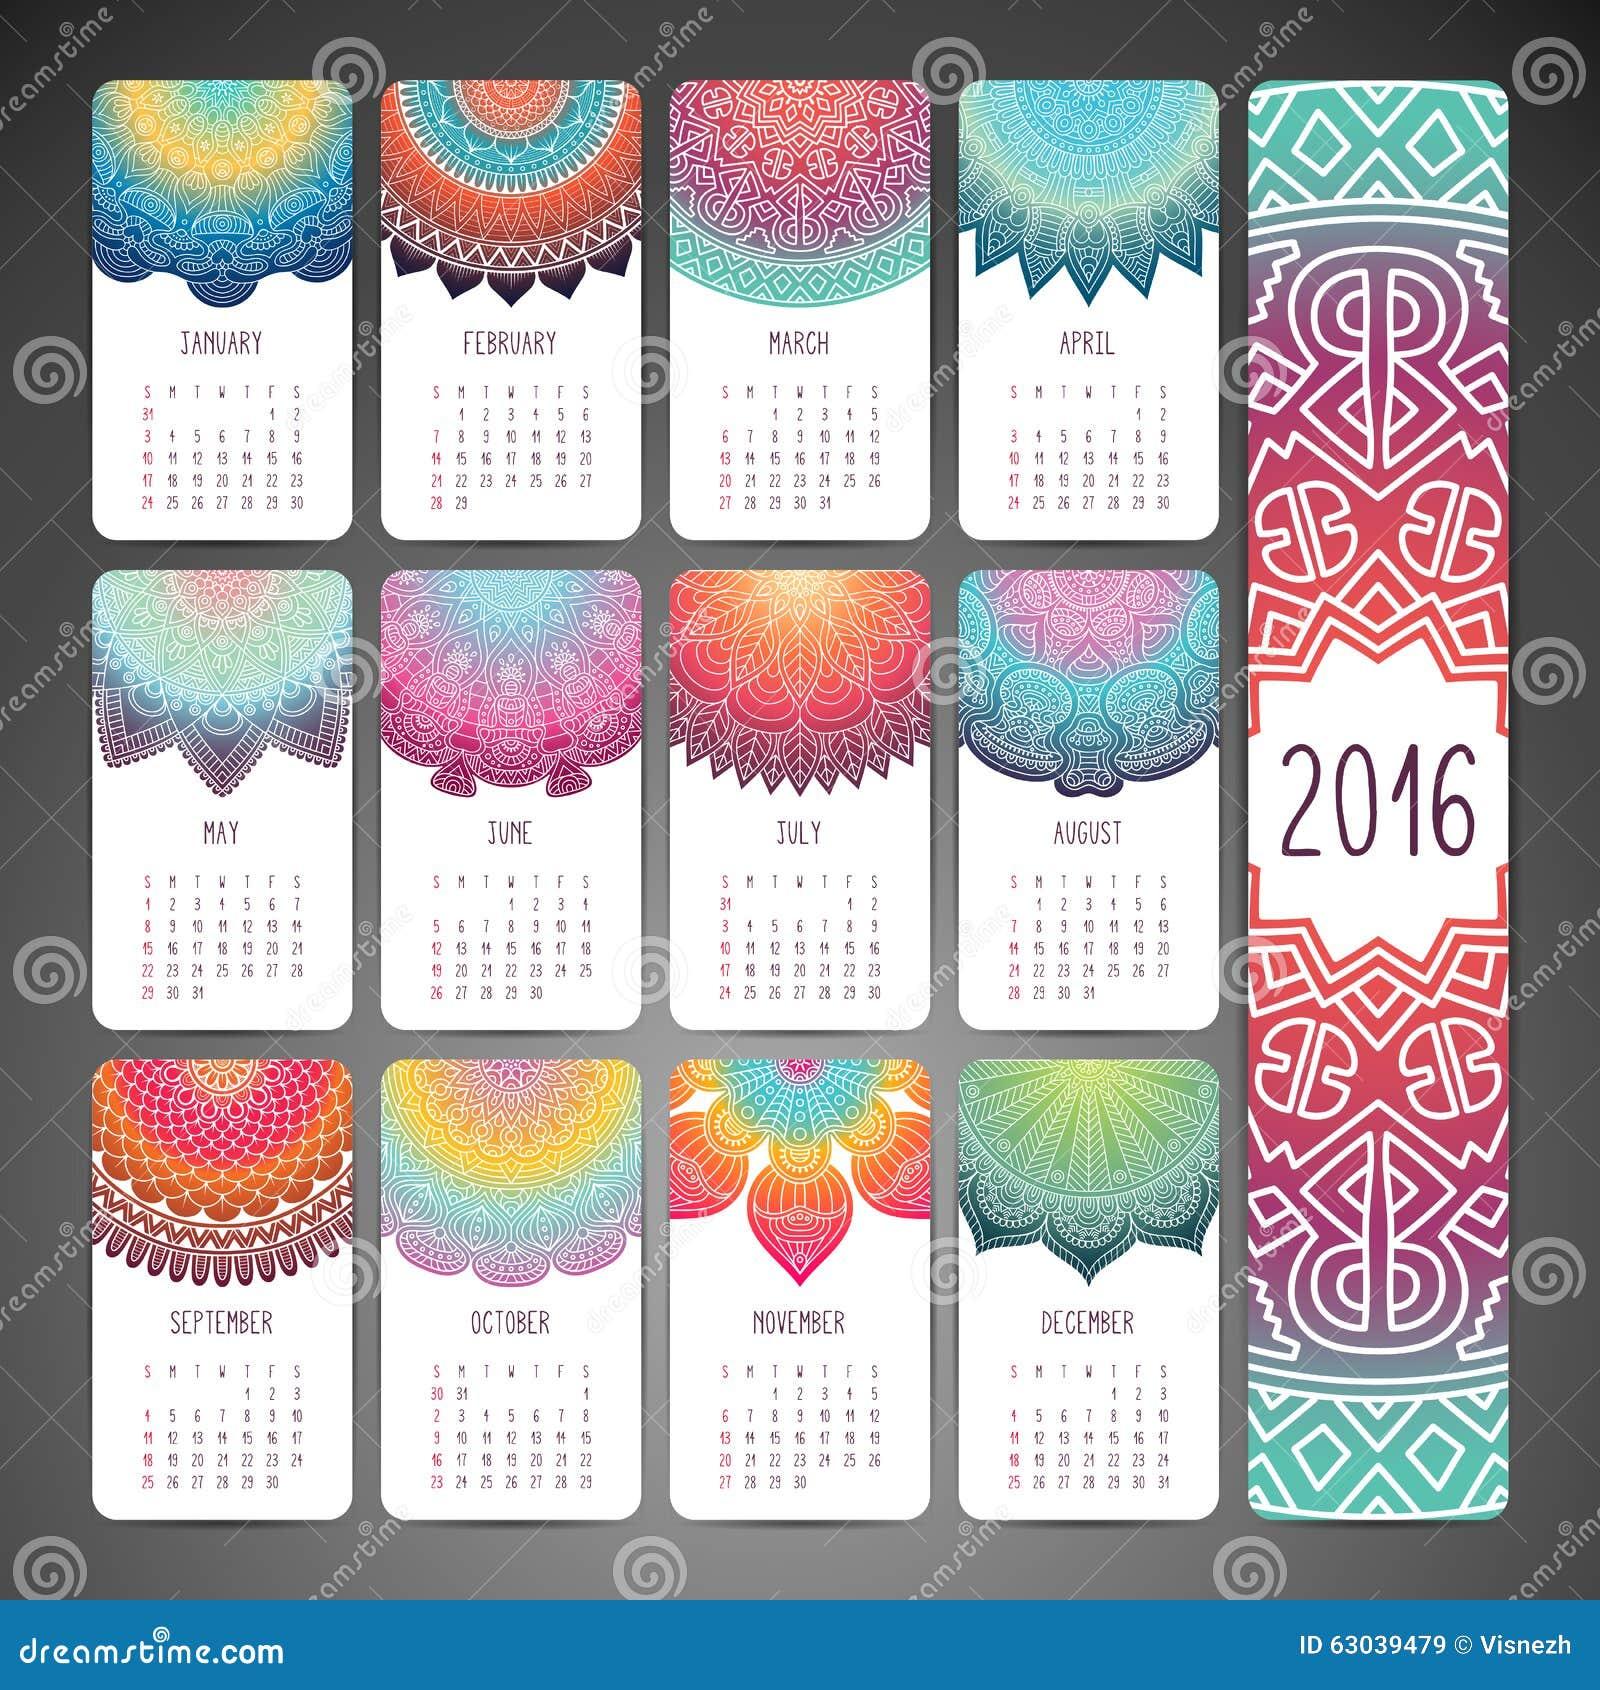 Calendario 2016 del vector ilustraci n del vector imagen for Decorado 2016